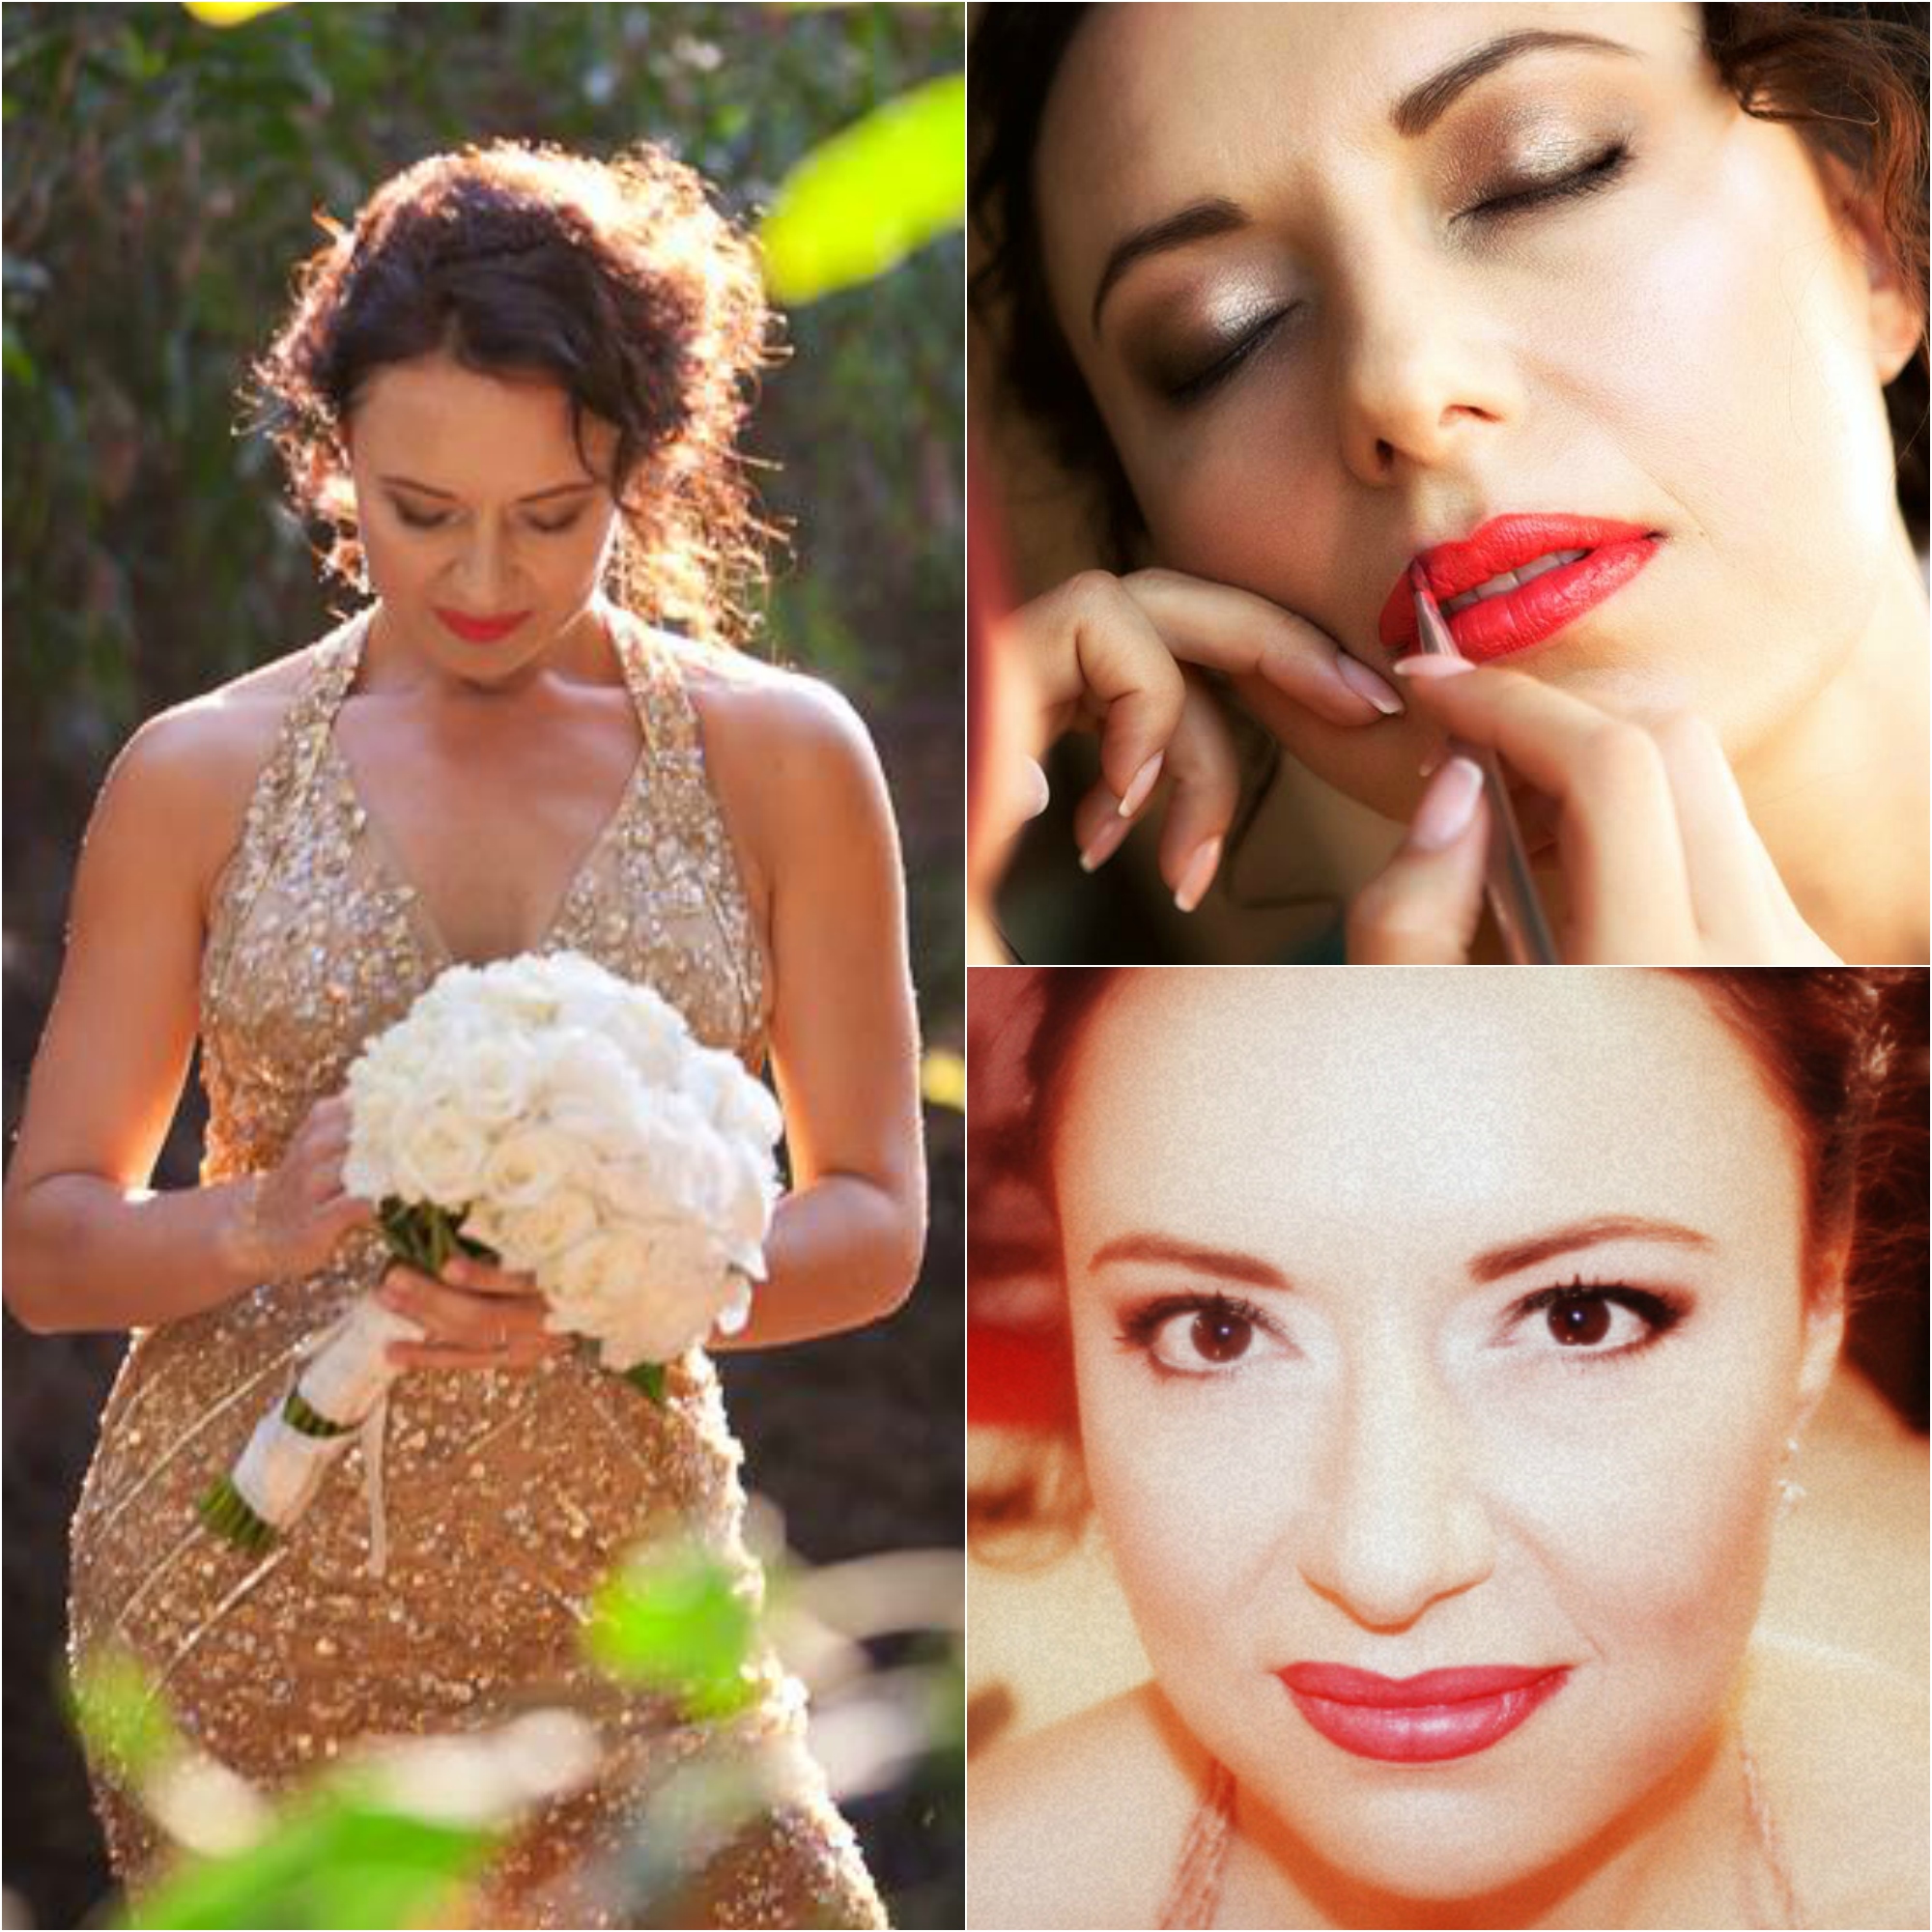 bridal makeupat ayii anargyroi spa resort,miliou village-paphos